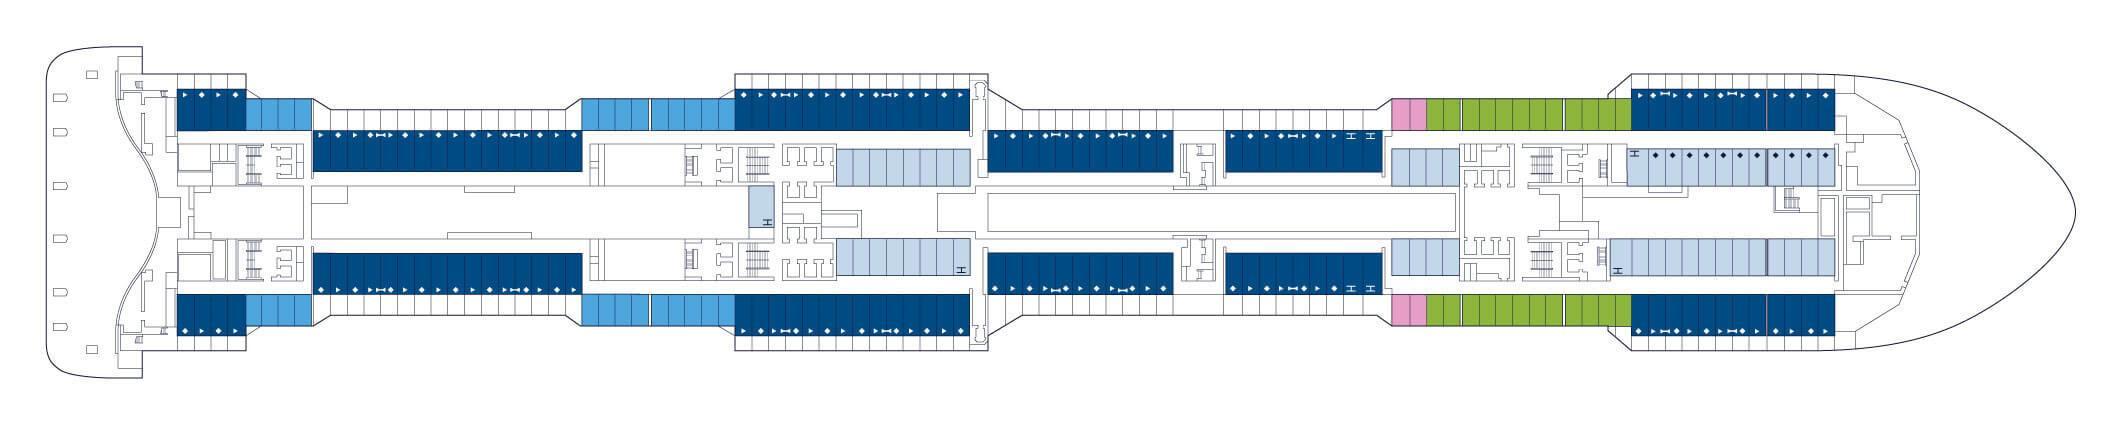 Pont 8 MSC Meraviglia